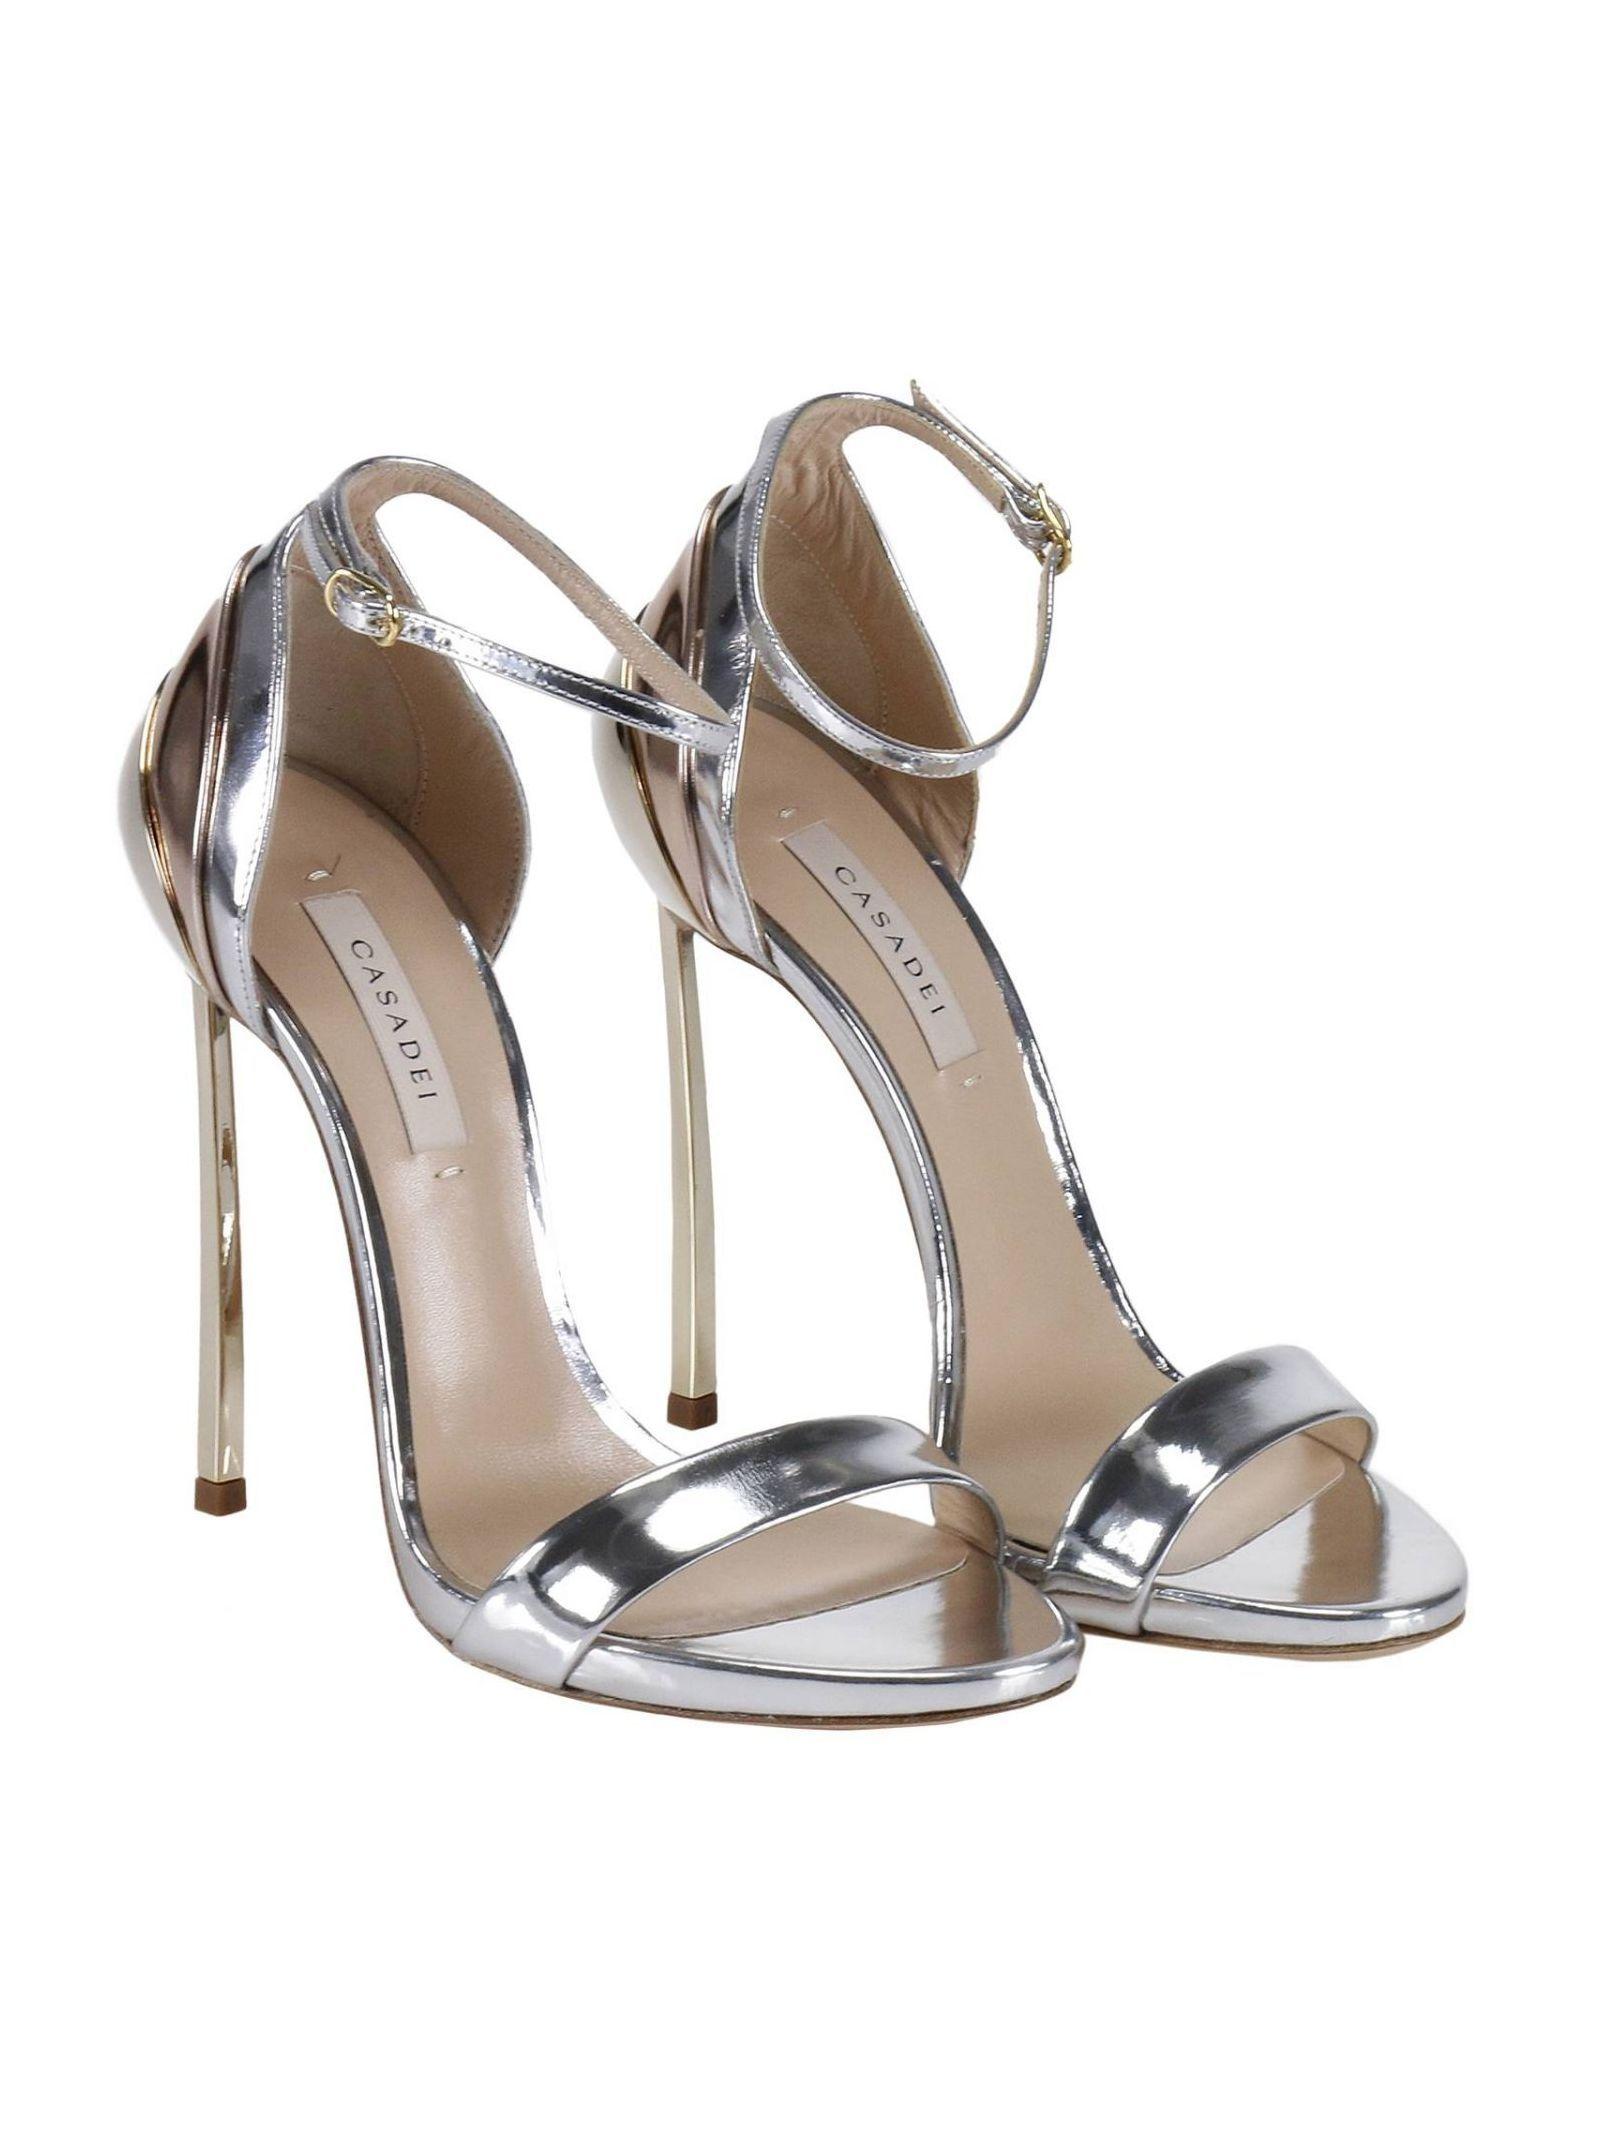 Casadei - Heeled Sandals Shoes Women Casadei - 1L496G120M C587, Women's  High-heeled shoes